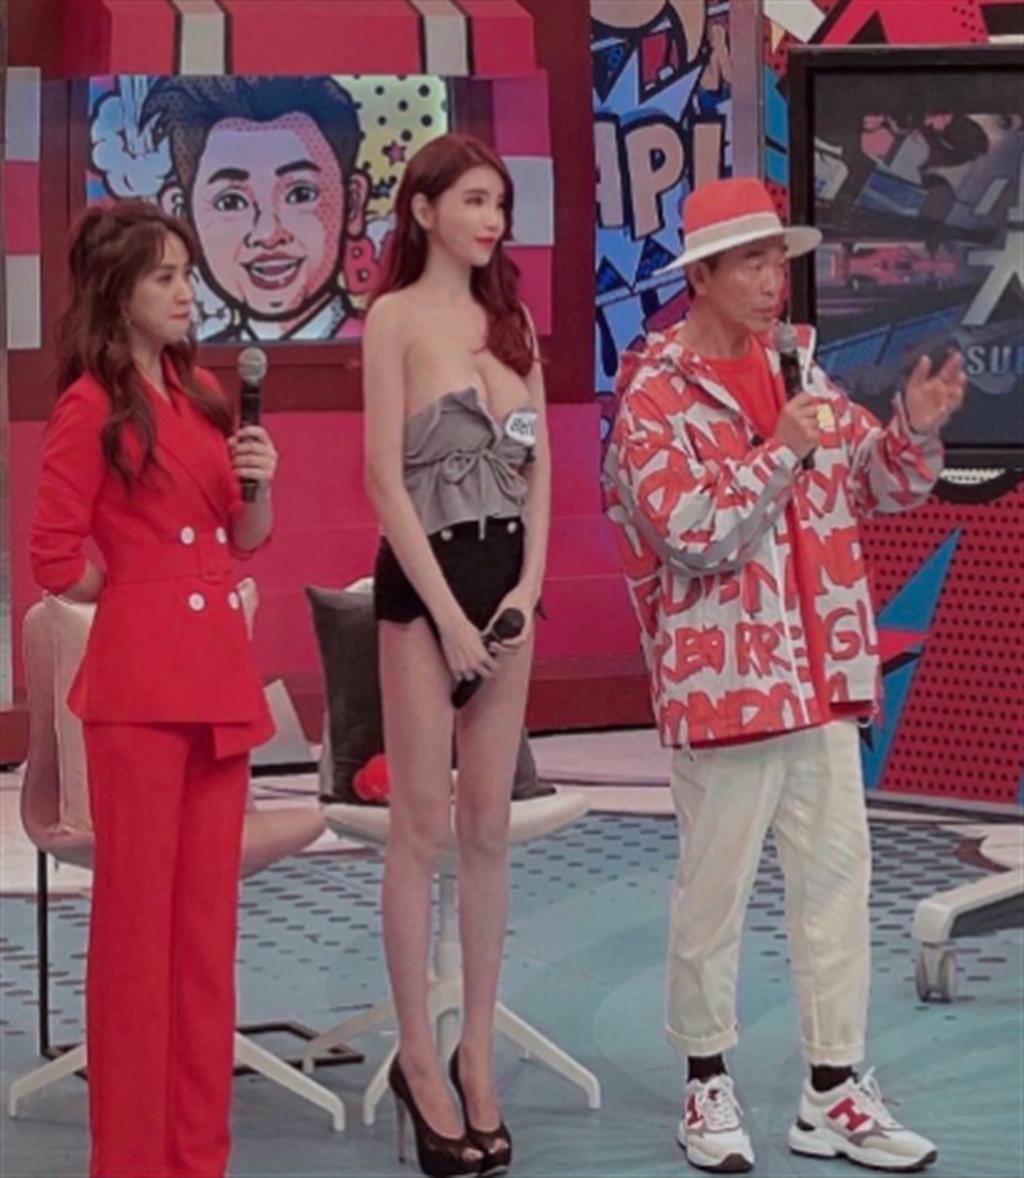 Bella日前上節目《小明星大跟班》,穿著一身極低胸的無肩帶小可愛,讓主持人Sandy都看了目瞪口呆,疑似出現走光。(圖/翻攝自Bella Instagram)